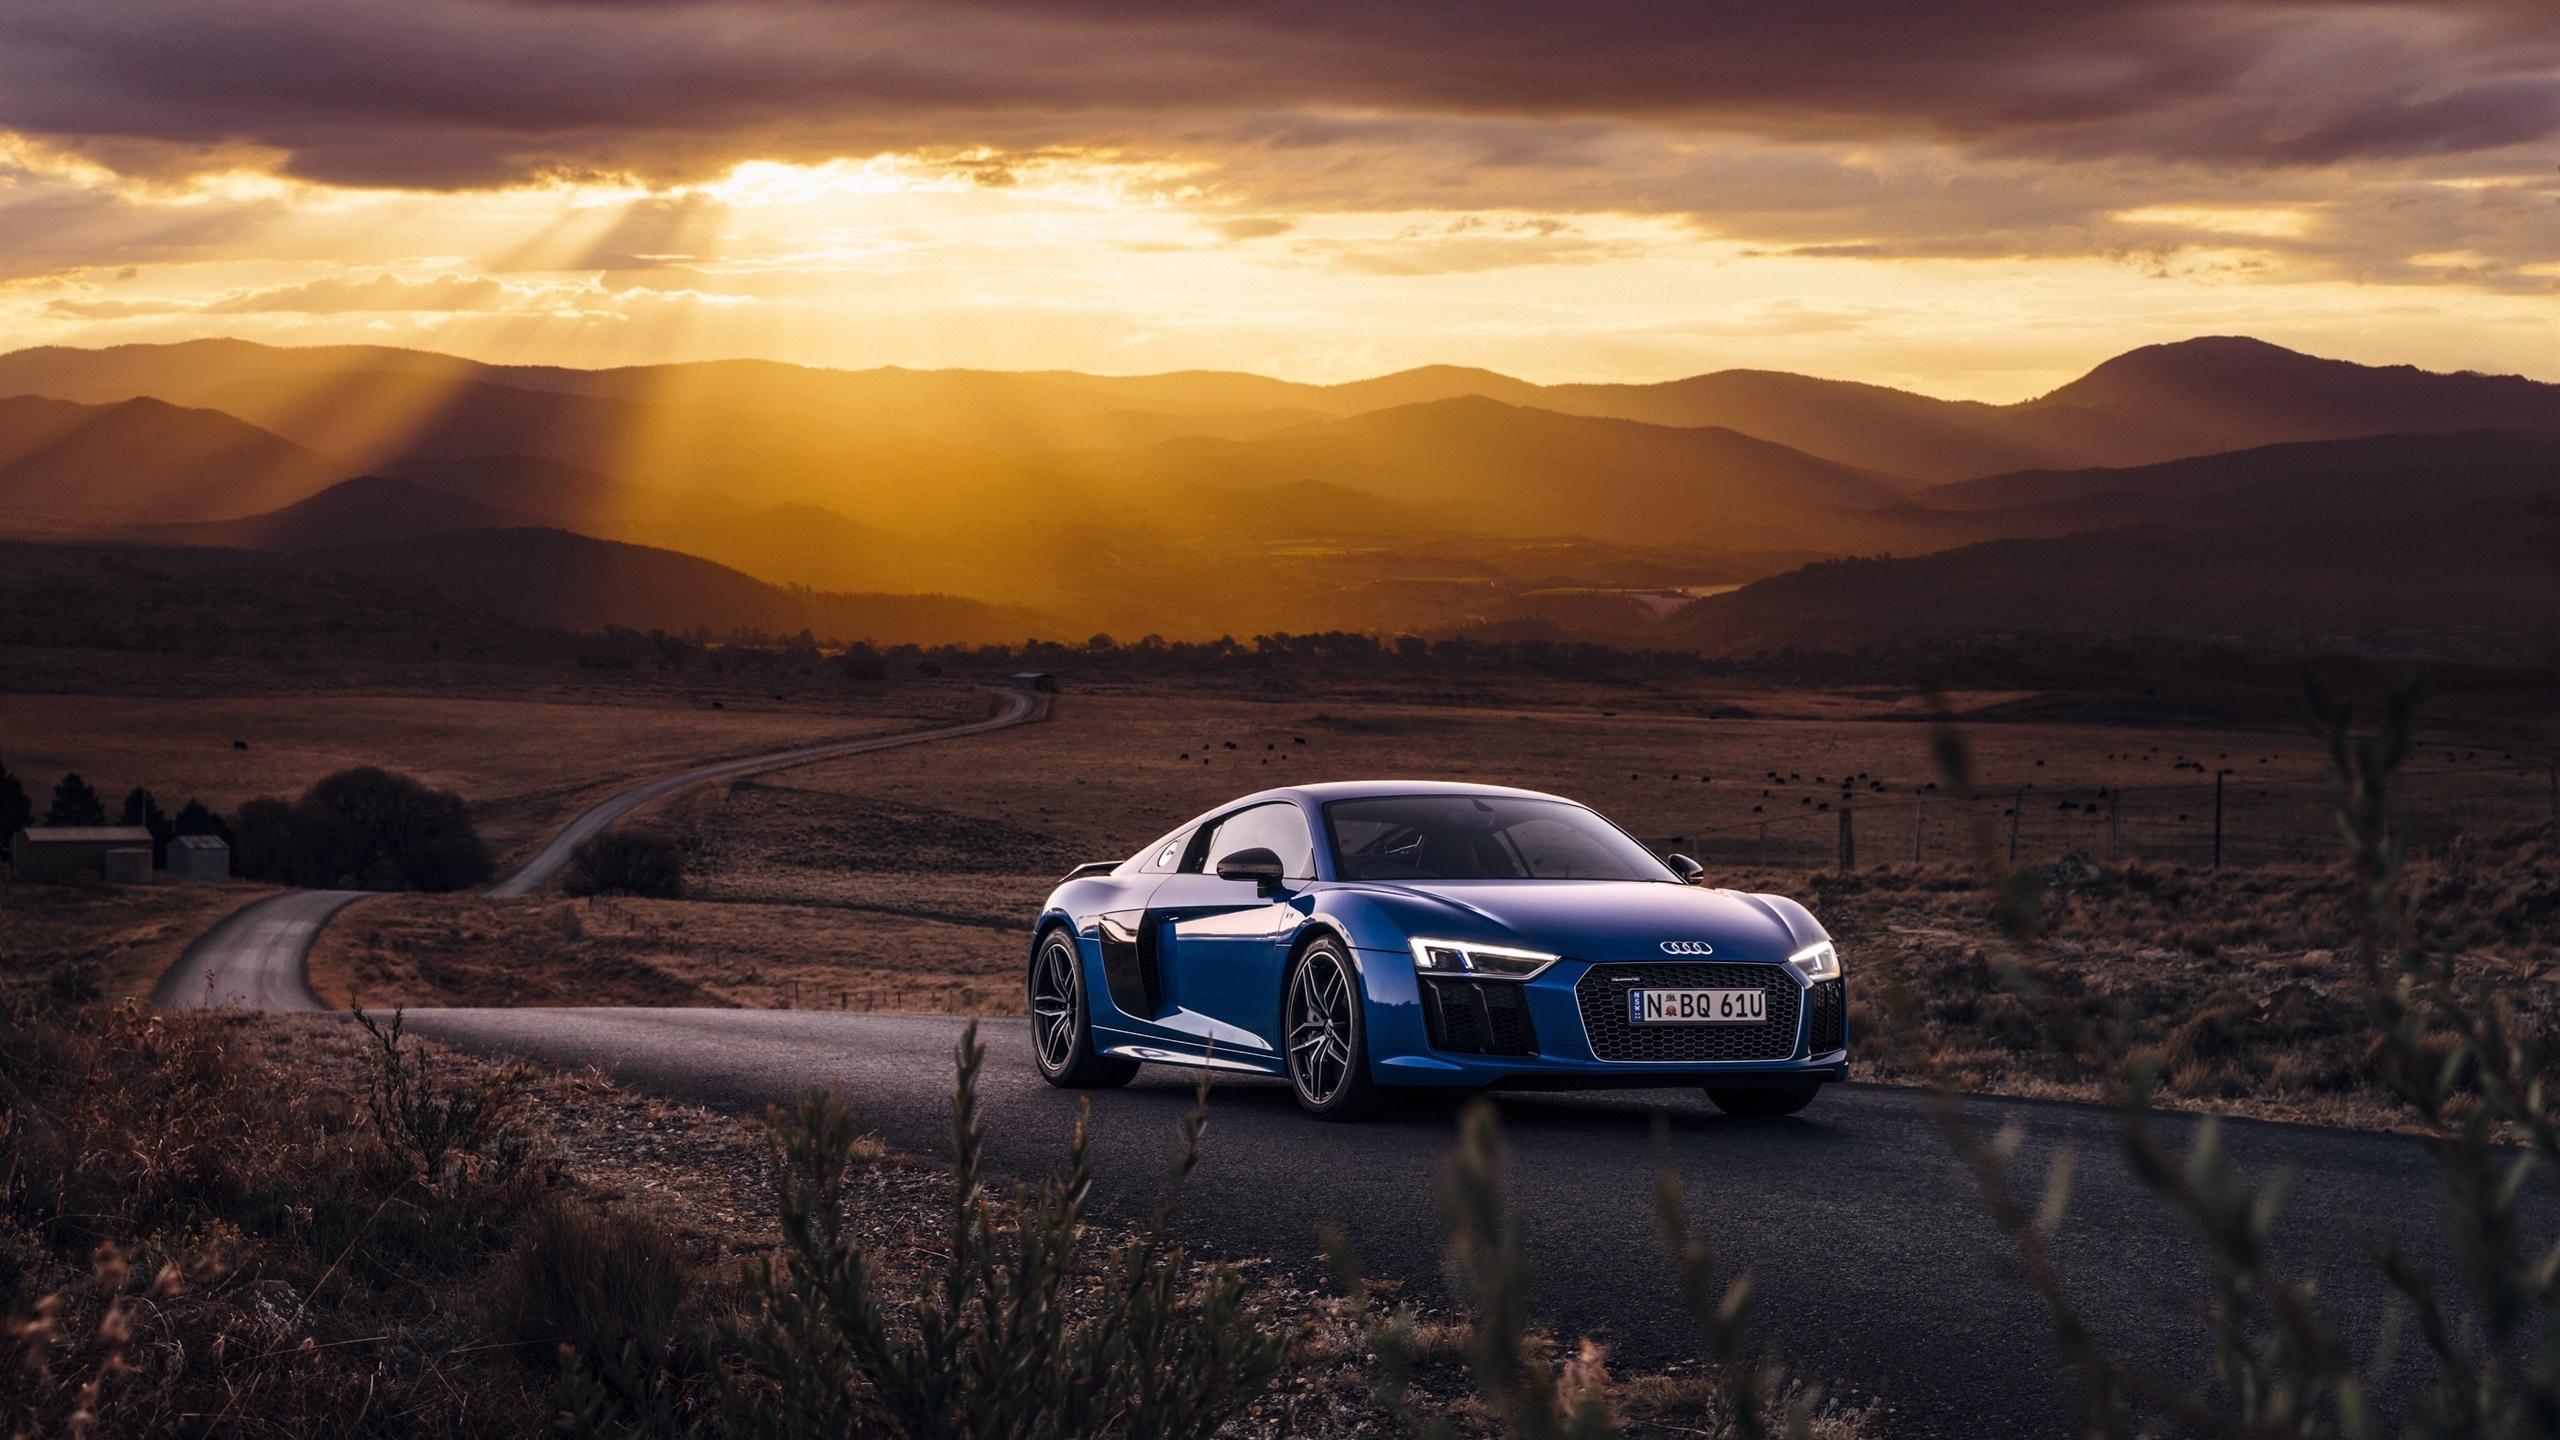 Audi R8 V10 Blaues Auto Sonnenuntergang Wolken Desktop Hintergrund